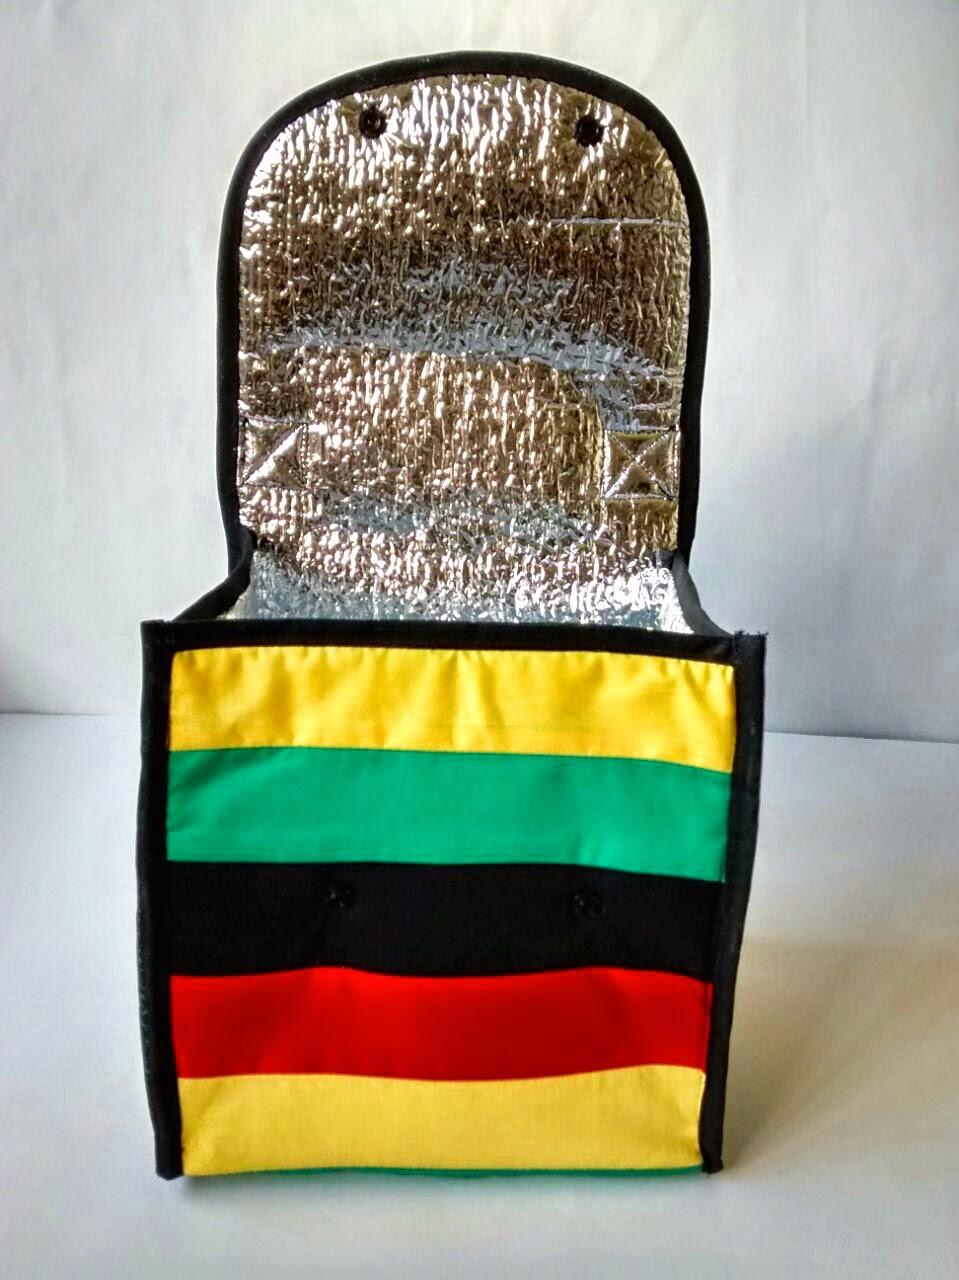 Lancheira Térmica de tecido | Ateliê Madrica